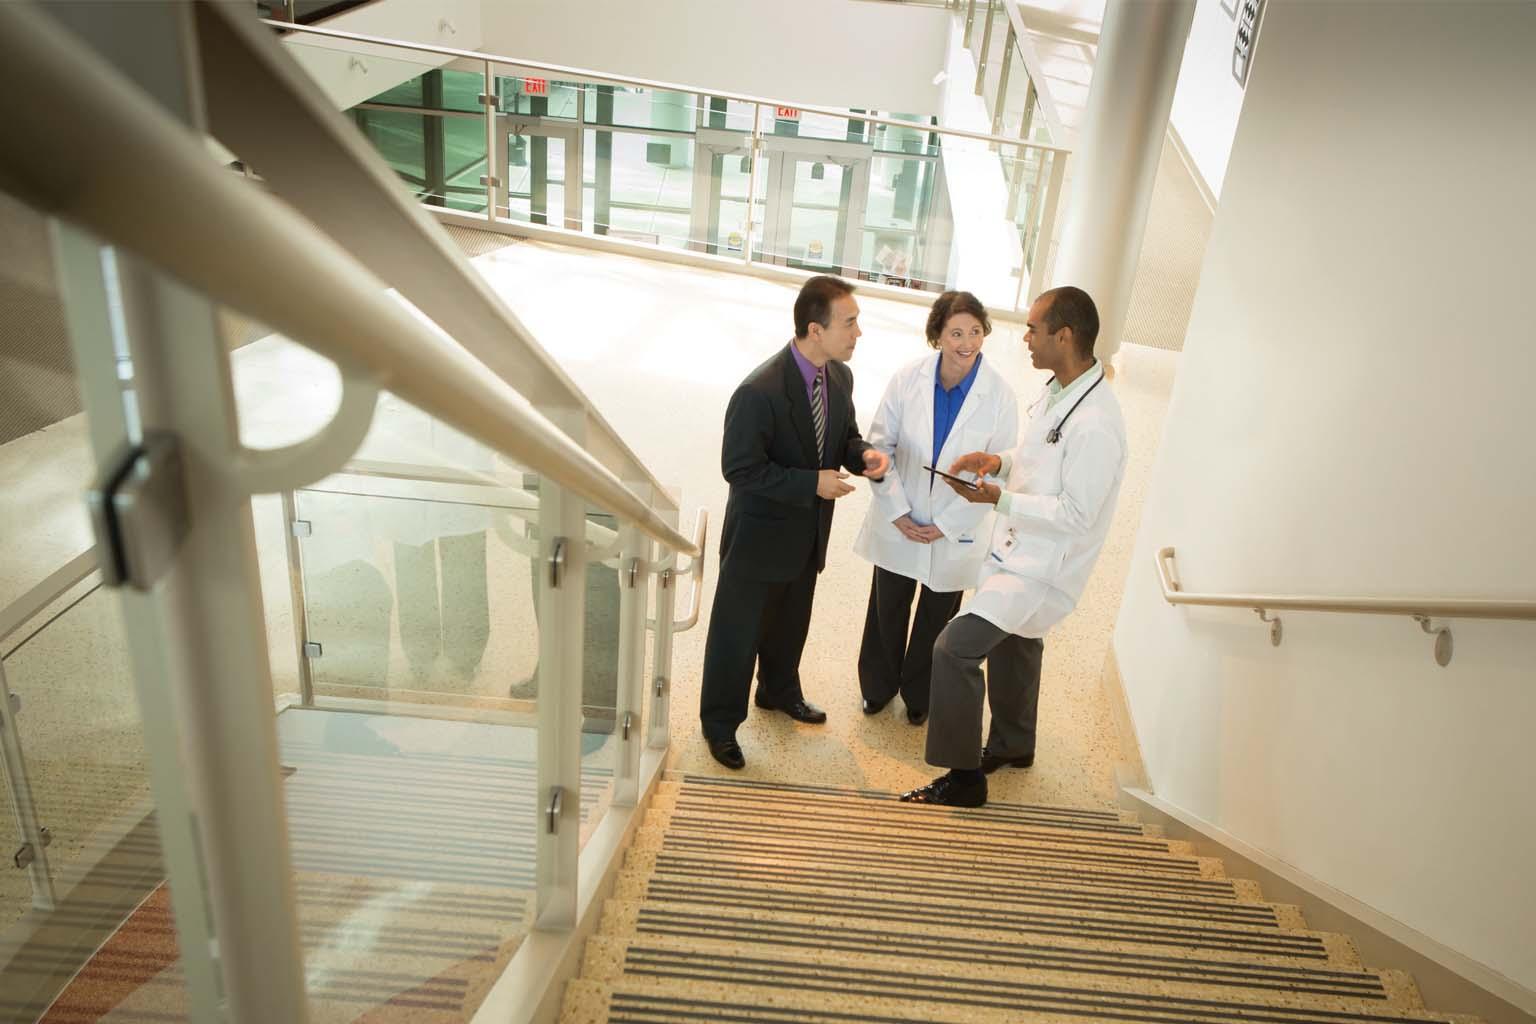 group of doctors on stairway landing